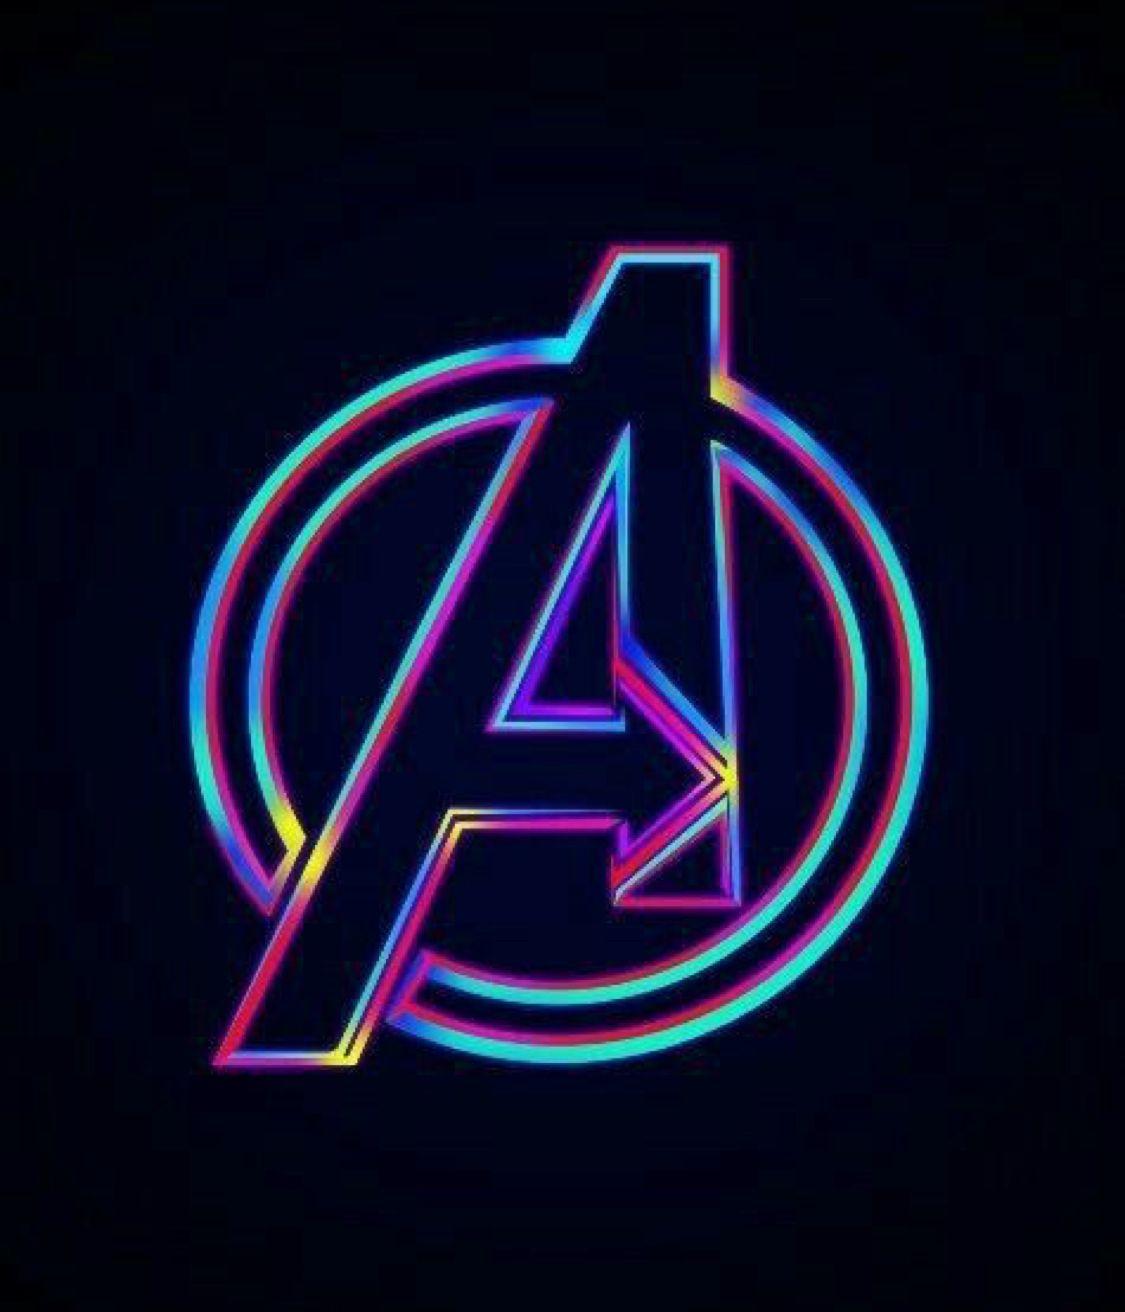 Avengers Logo Avengers Theme Marvel Wallpaper Avengers Wallpaper